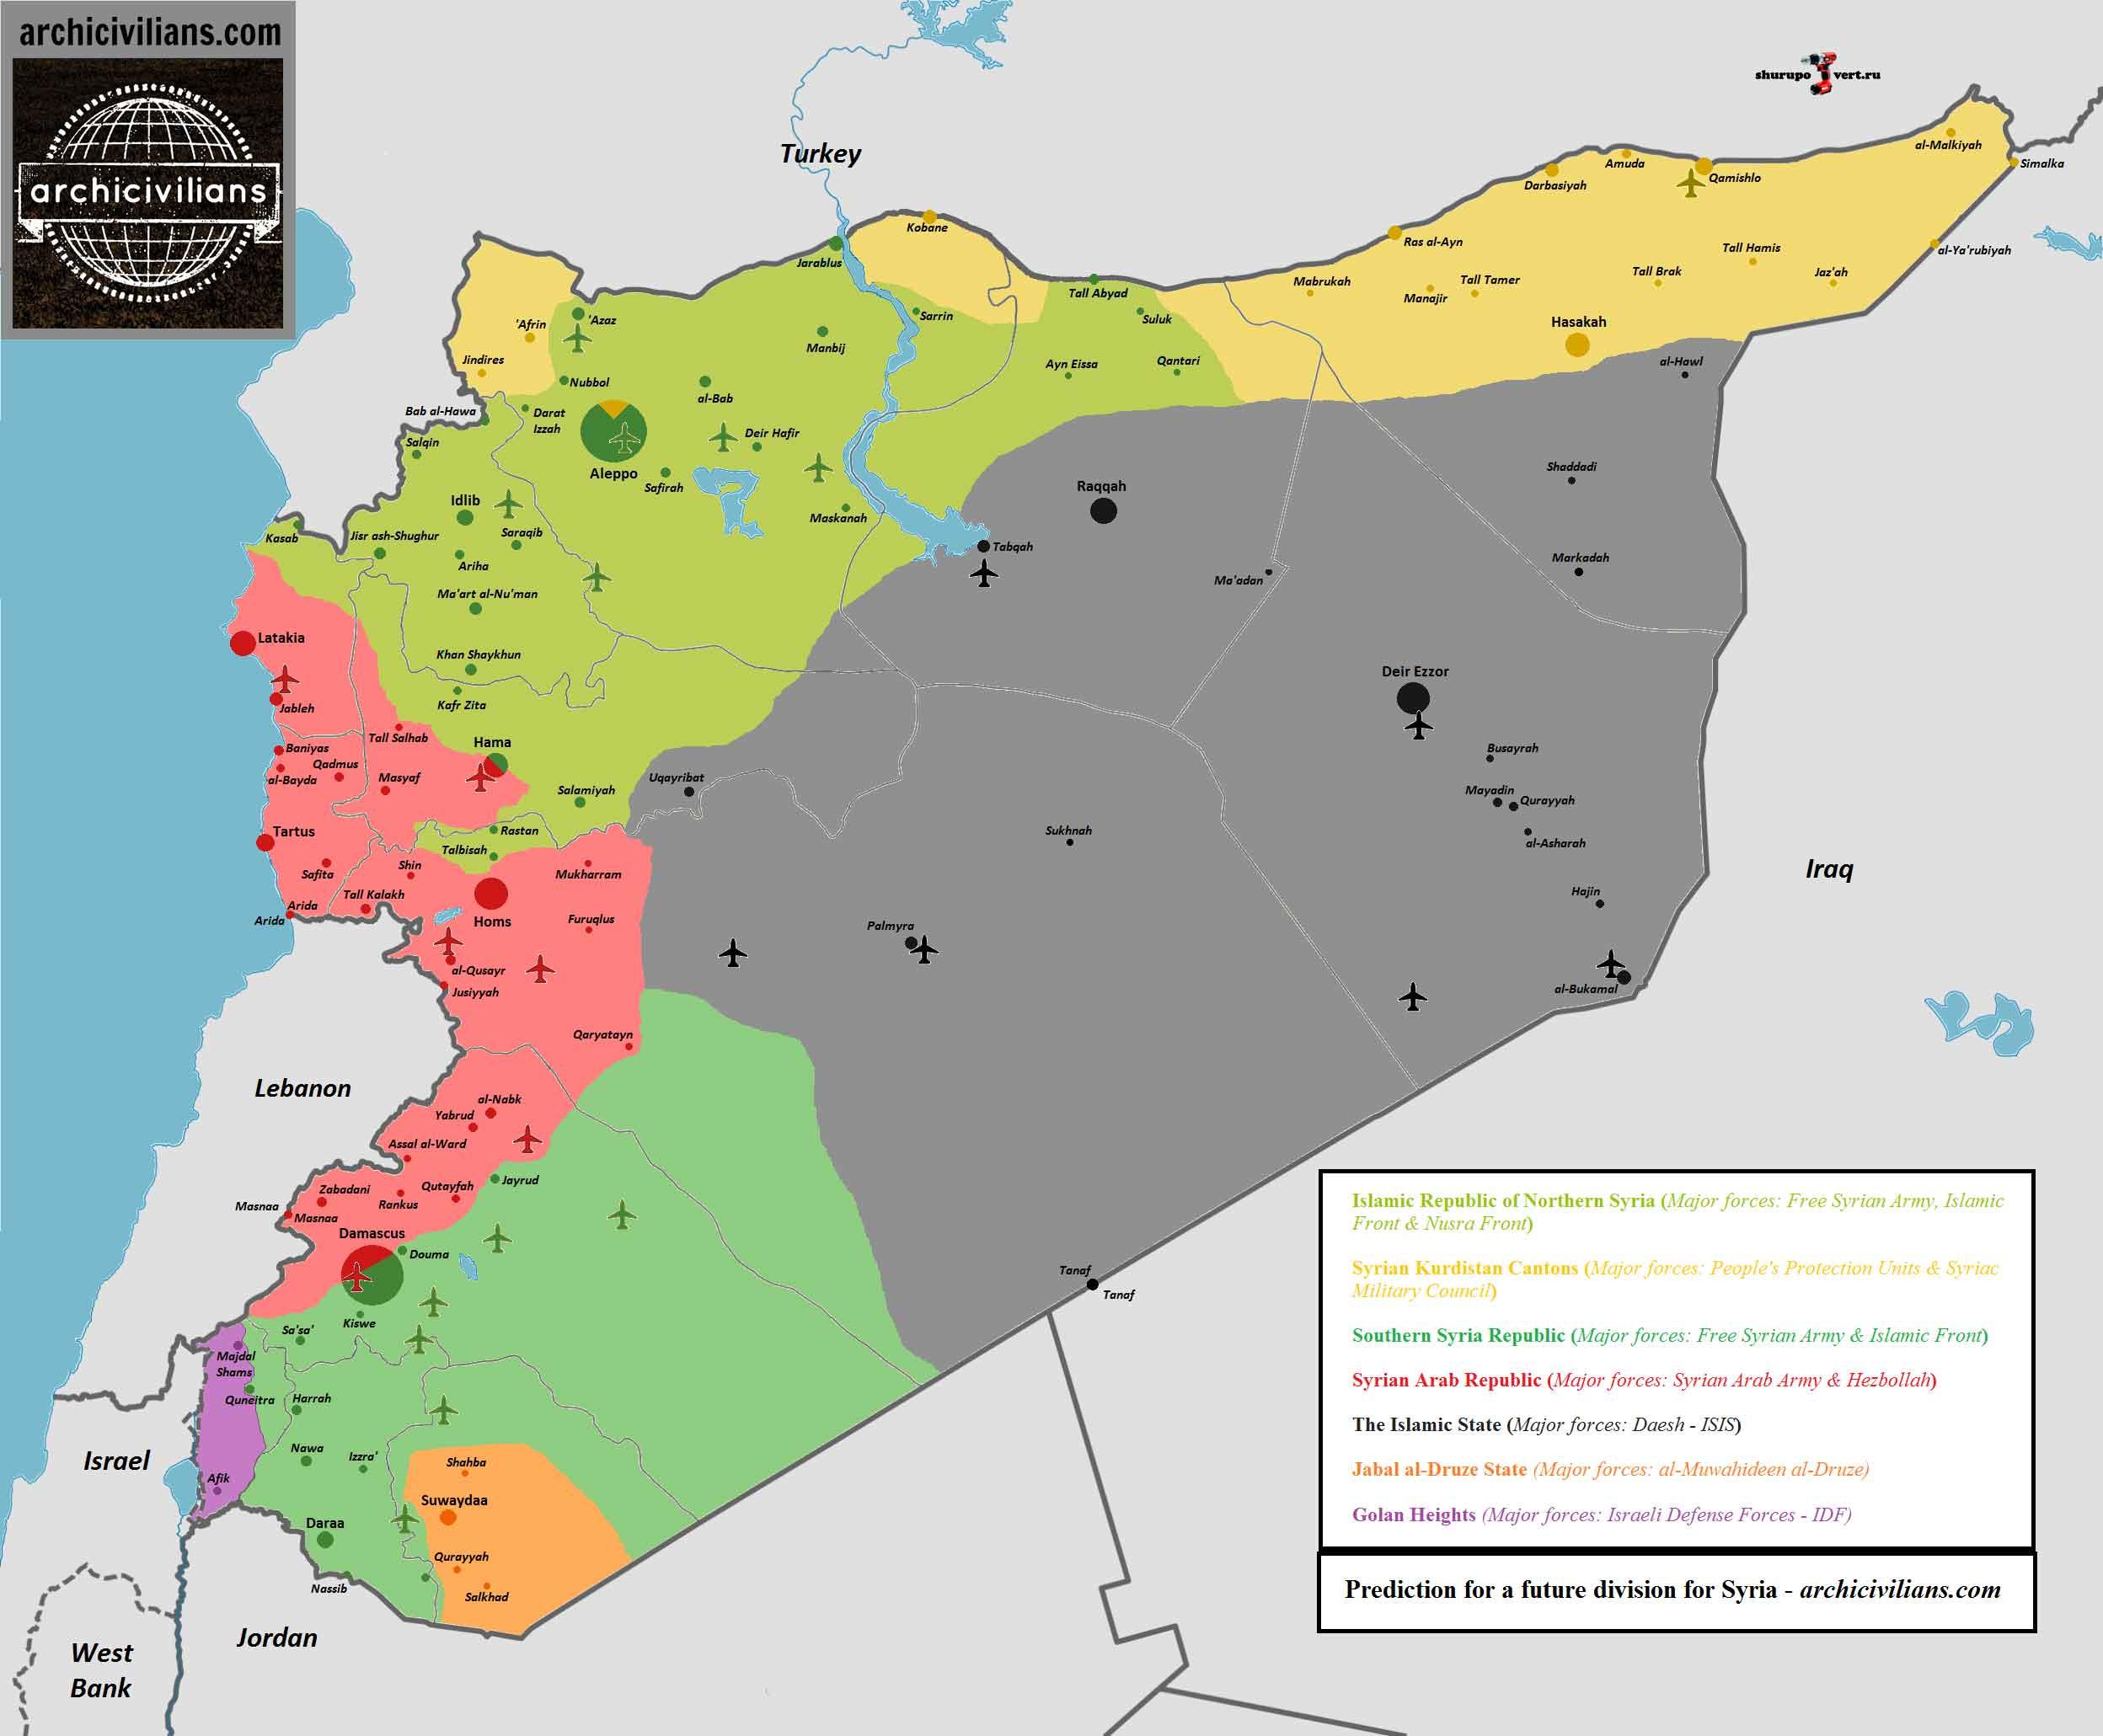 Будущие Сирии? Карта размежевания территории Сирии, предположение экспертов